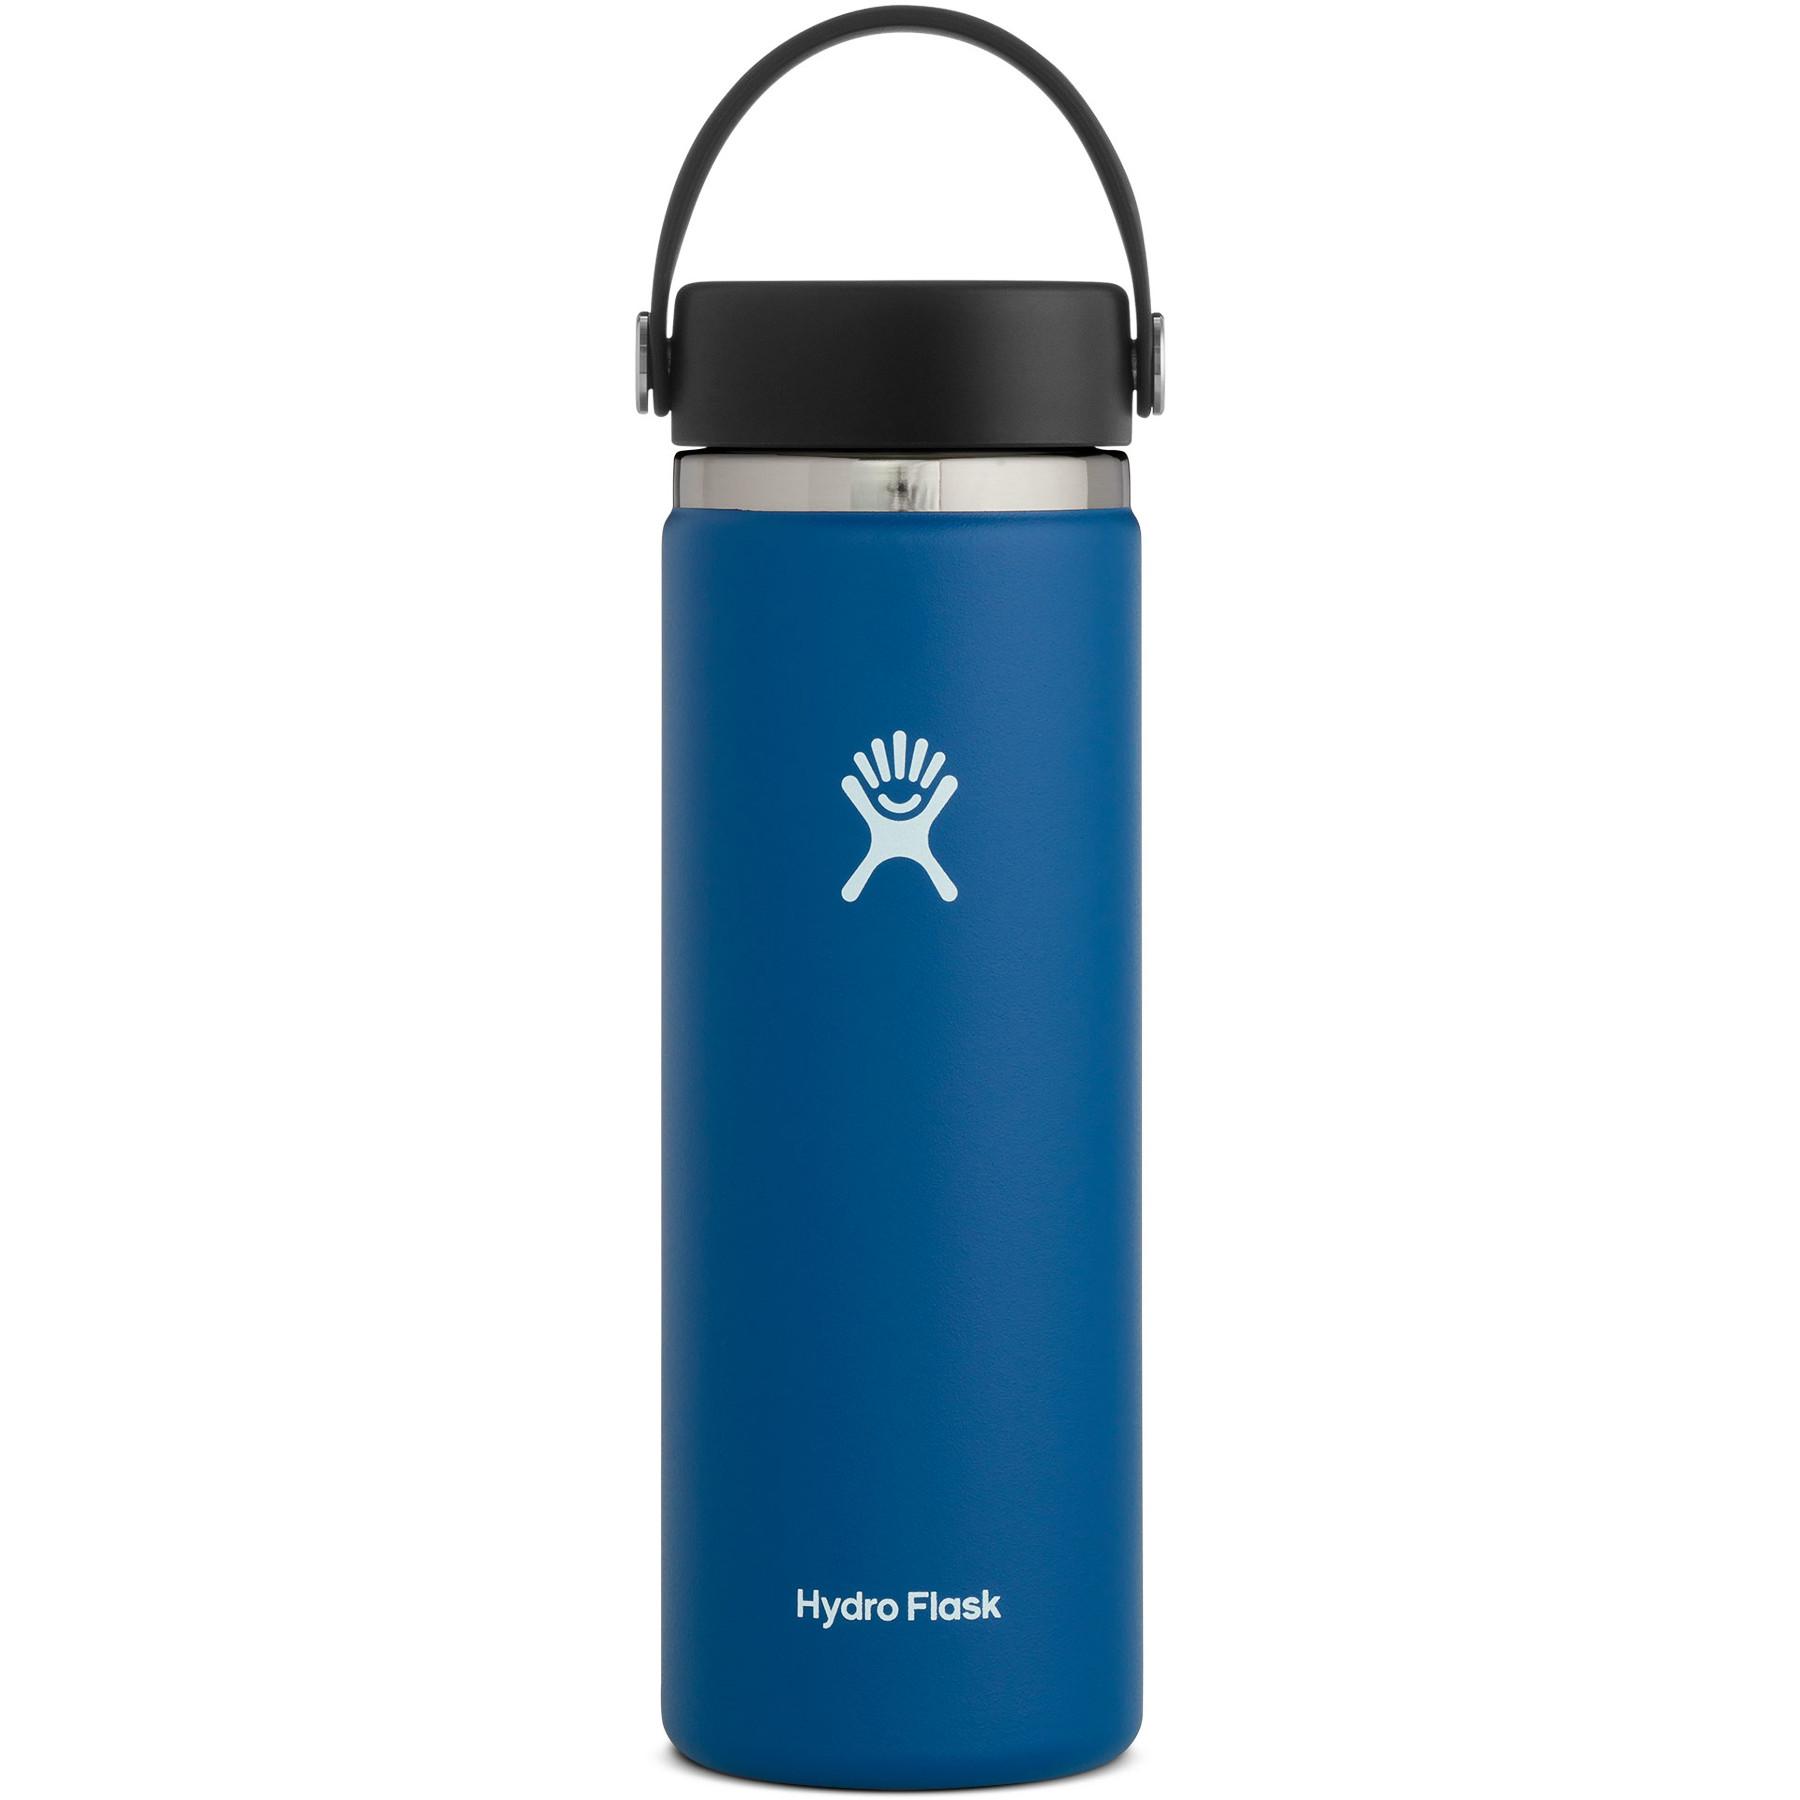 Produktbild von Hydro Flask 20oz Wide Mouth Flex Cap Thermoflasche 591ml - Cobalt